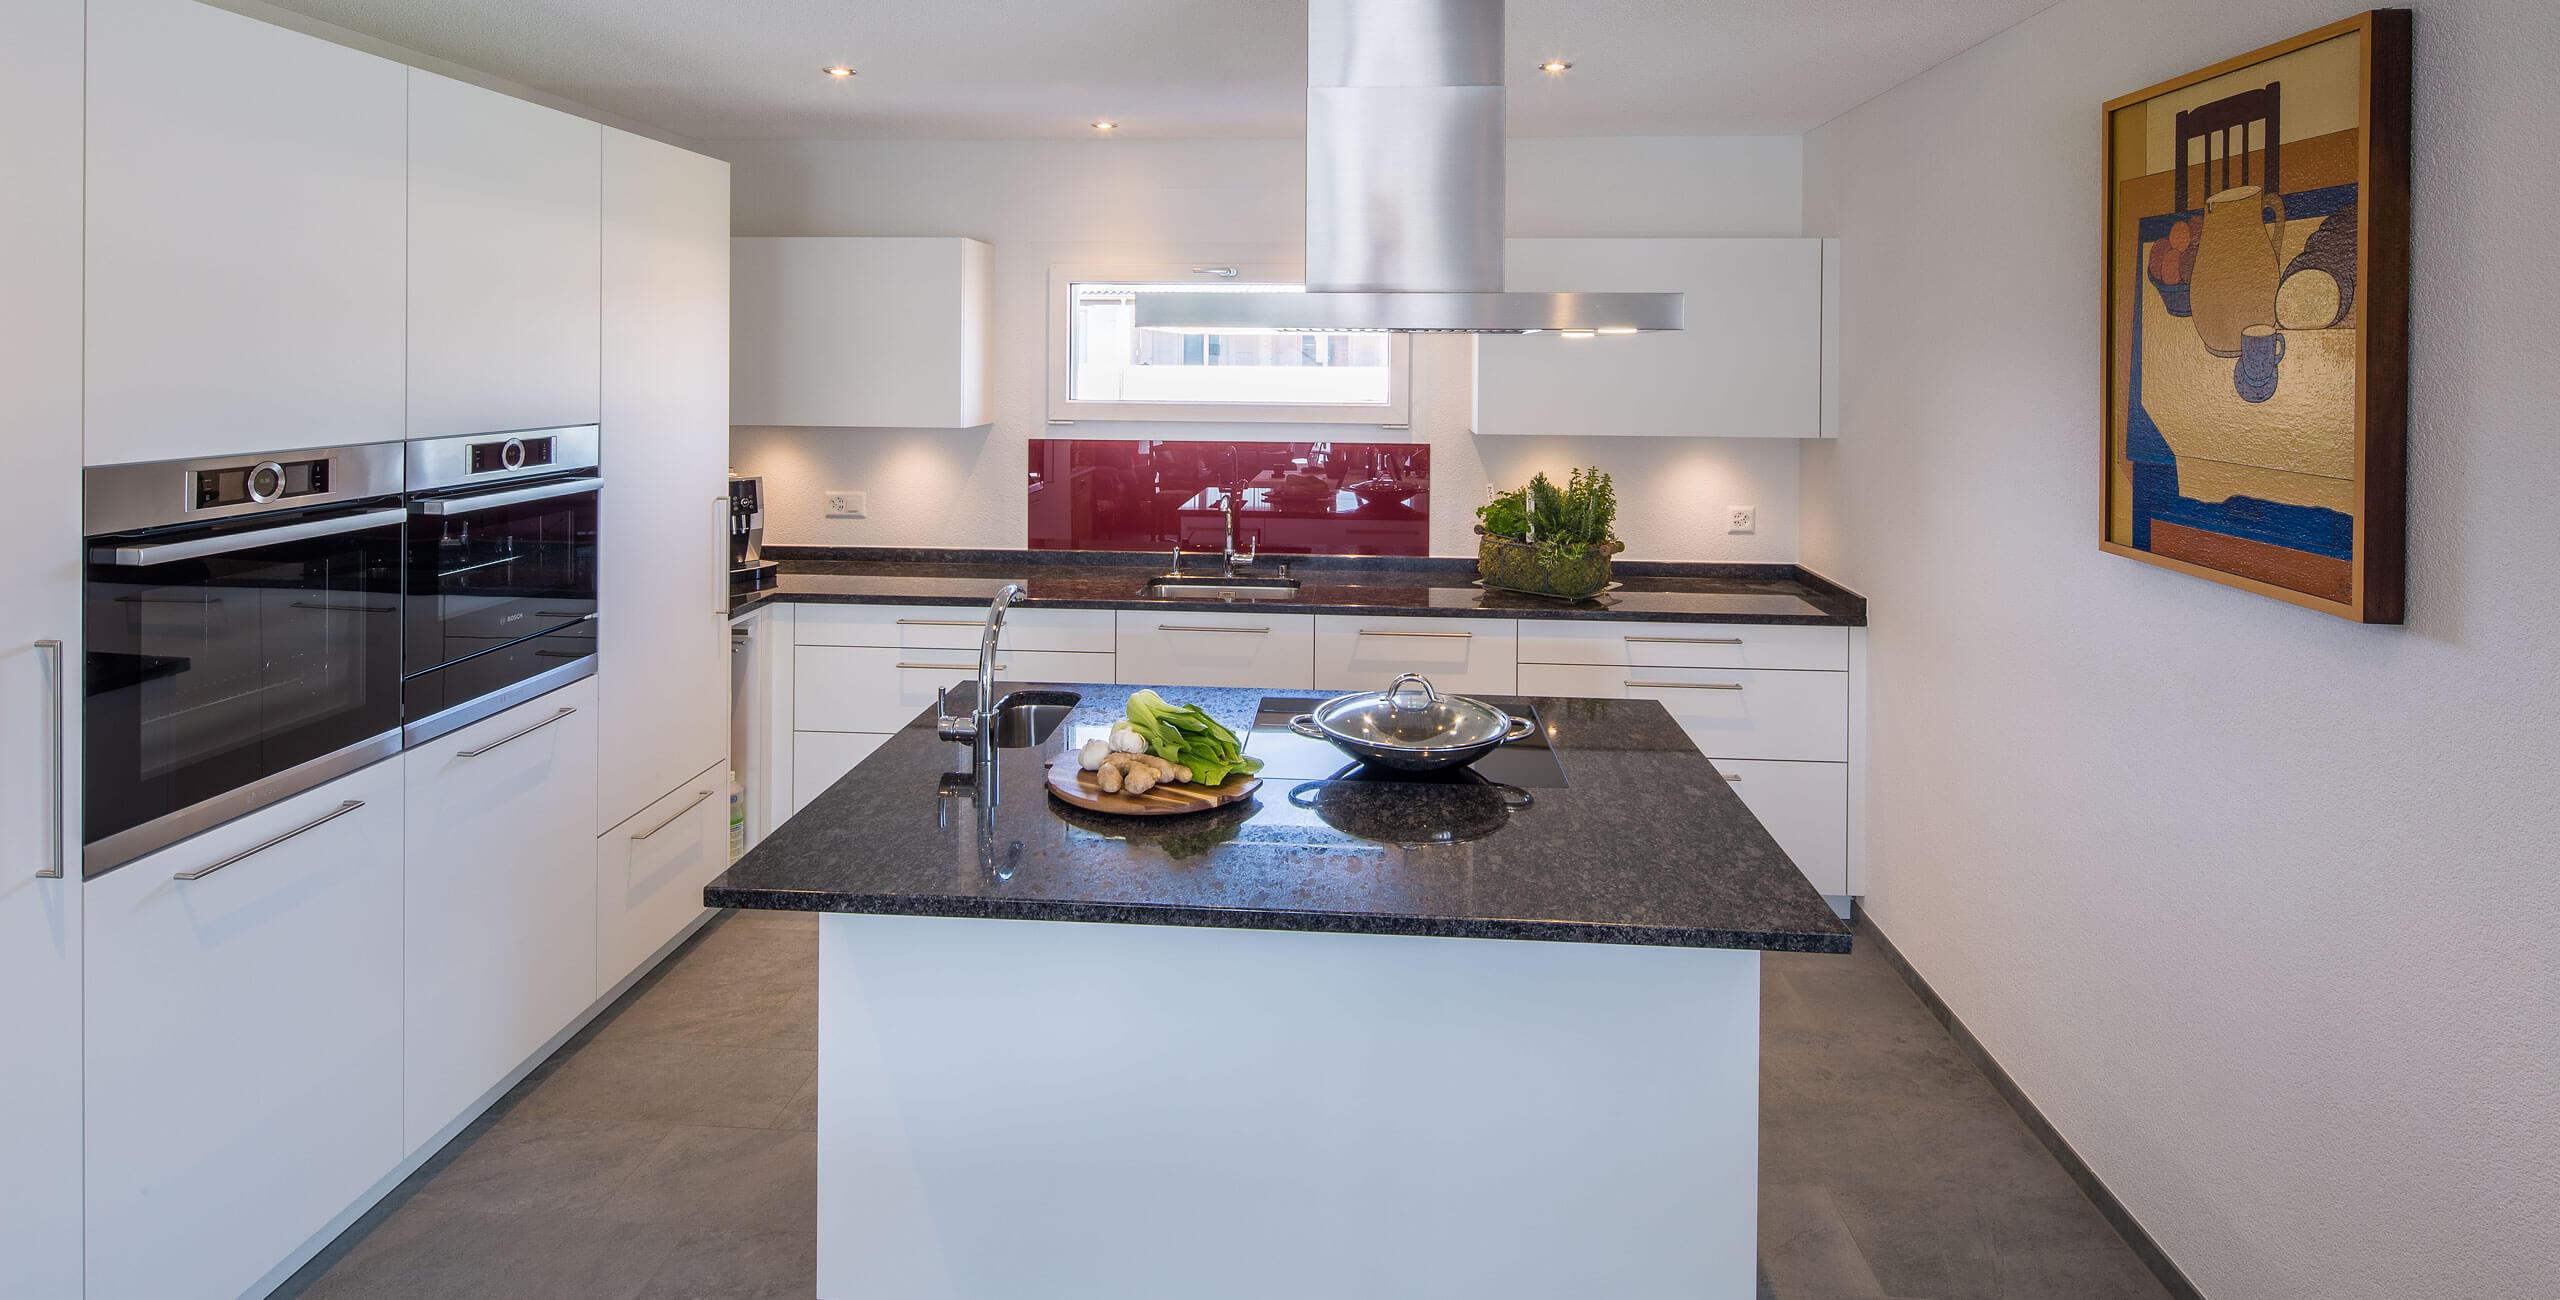 Schöne Küchen  Design Küchen original schöne Küchen zu attraktiven Preisen